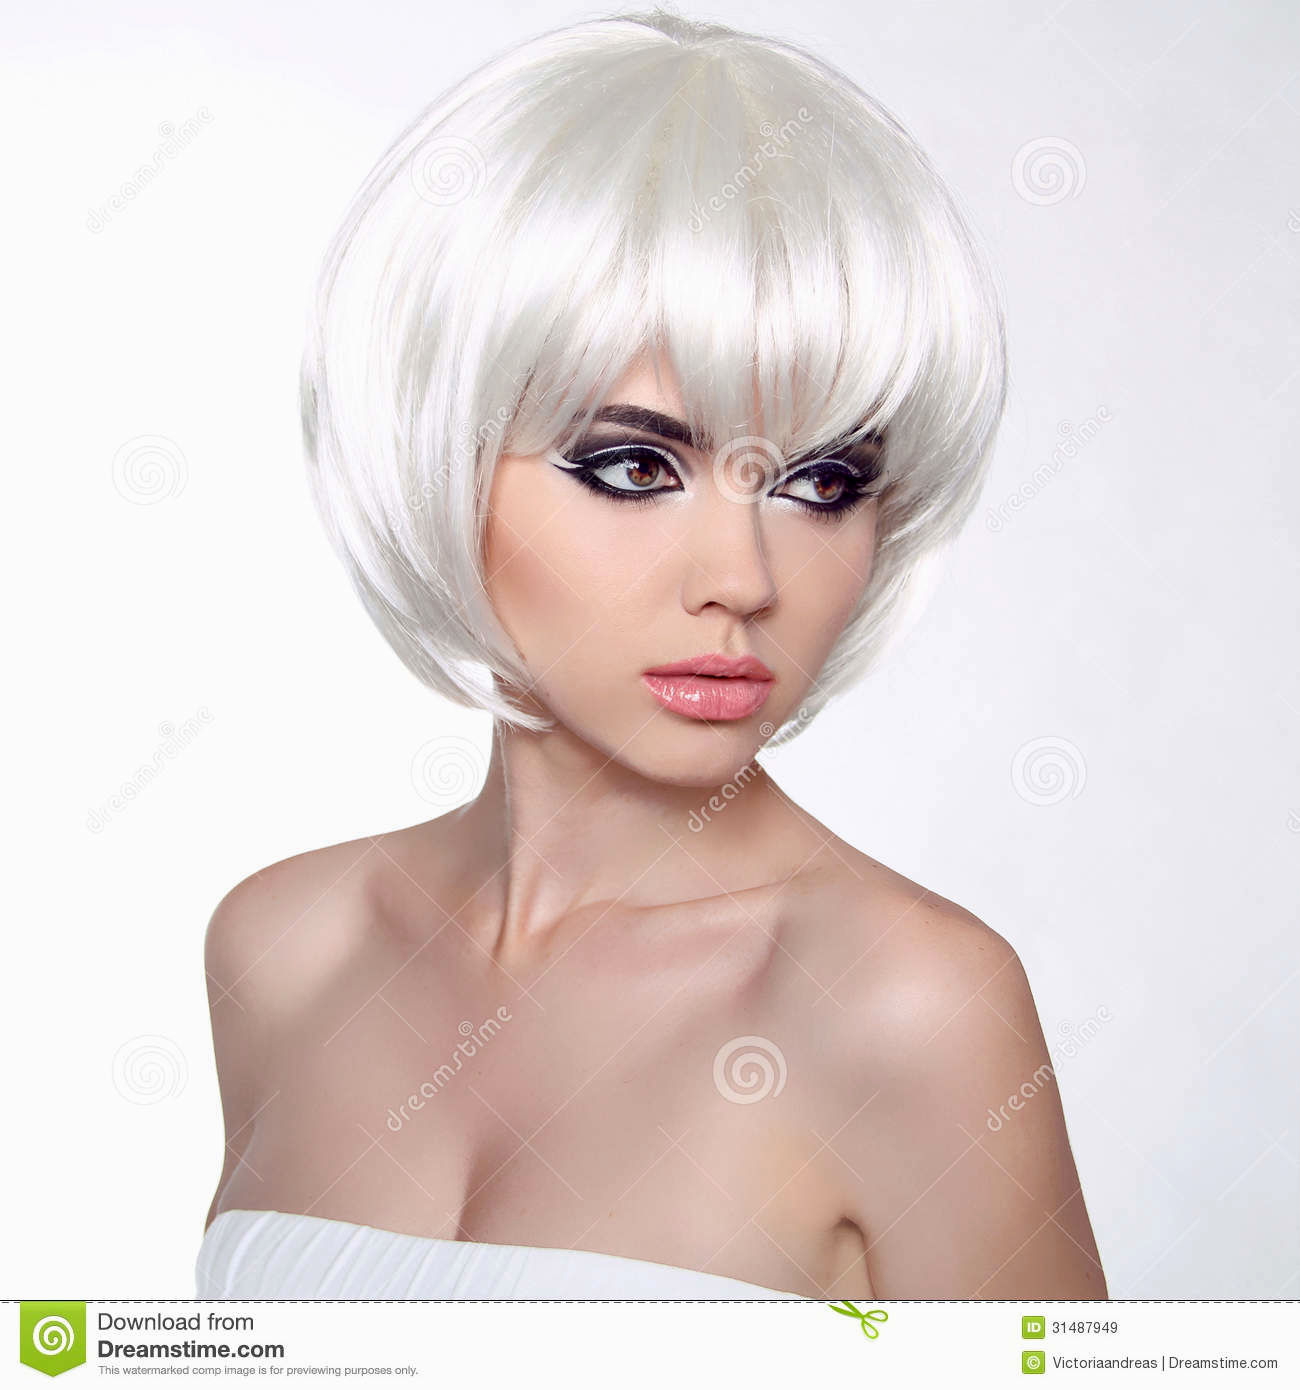 melhor modelo de cabelo curto feminino retrato-Melhor Modelo De Cabelo Curto Feminino Design